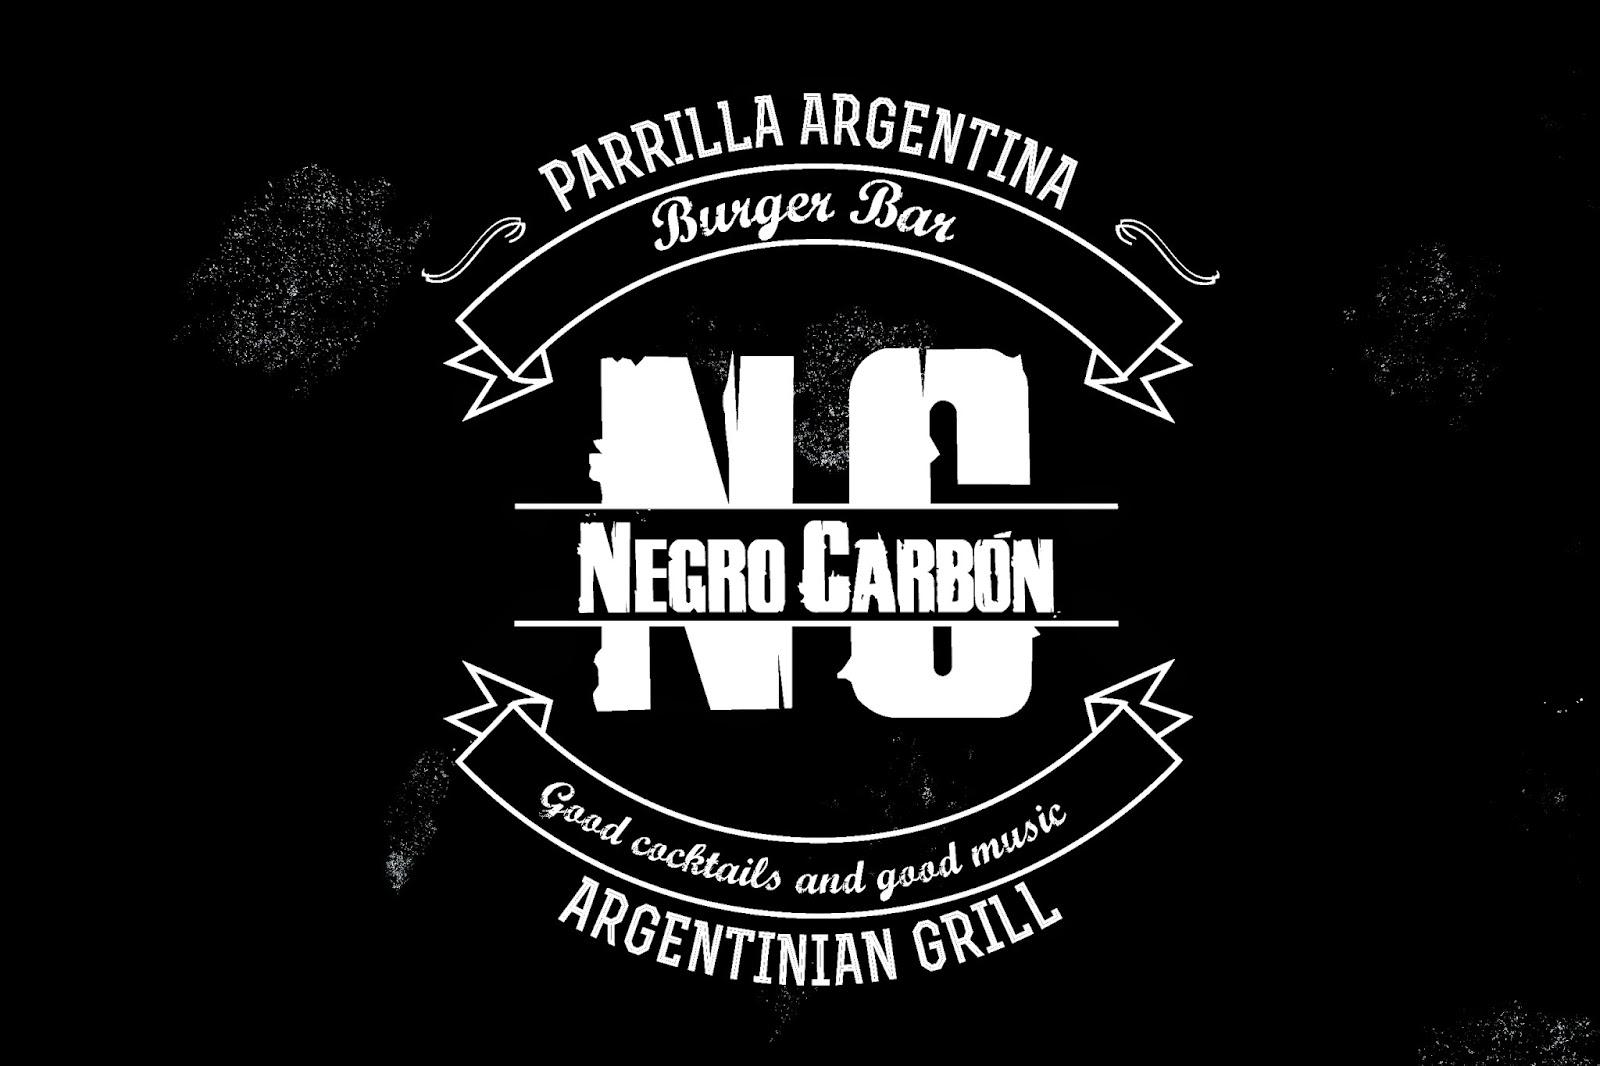 negro carbon restaurante